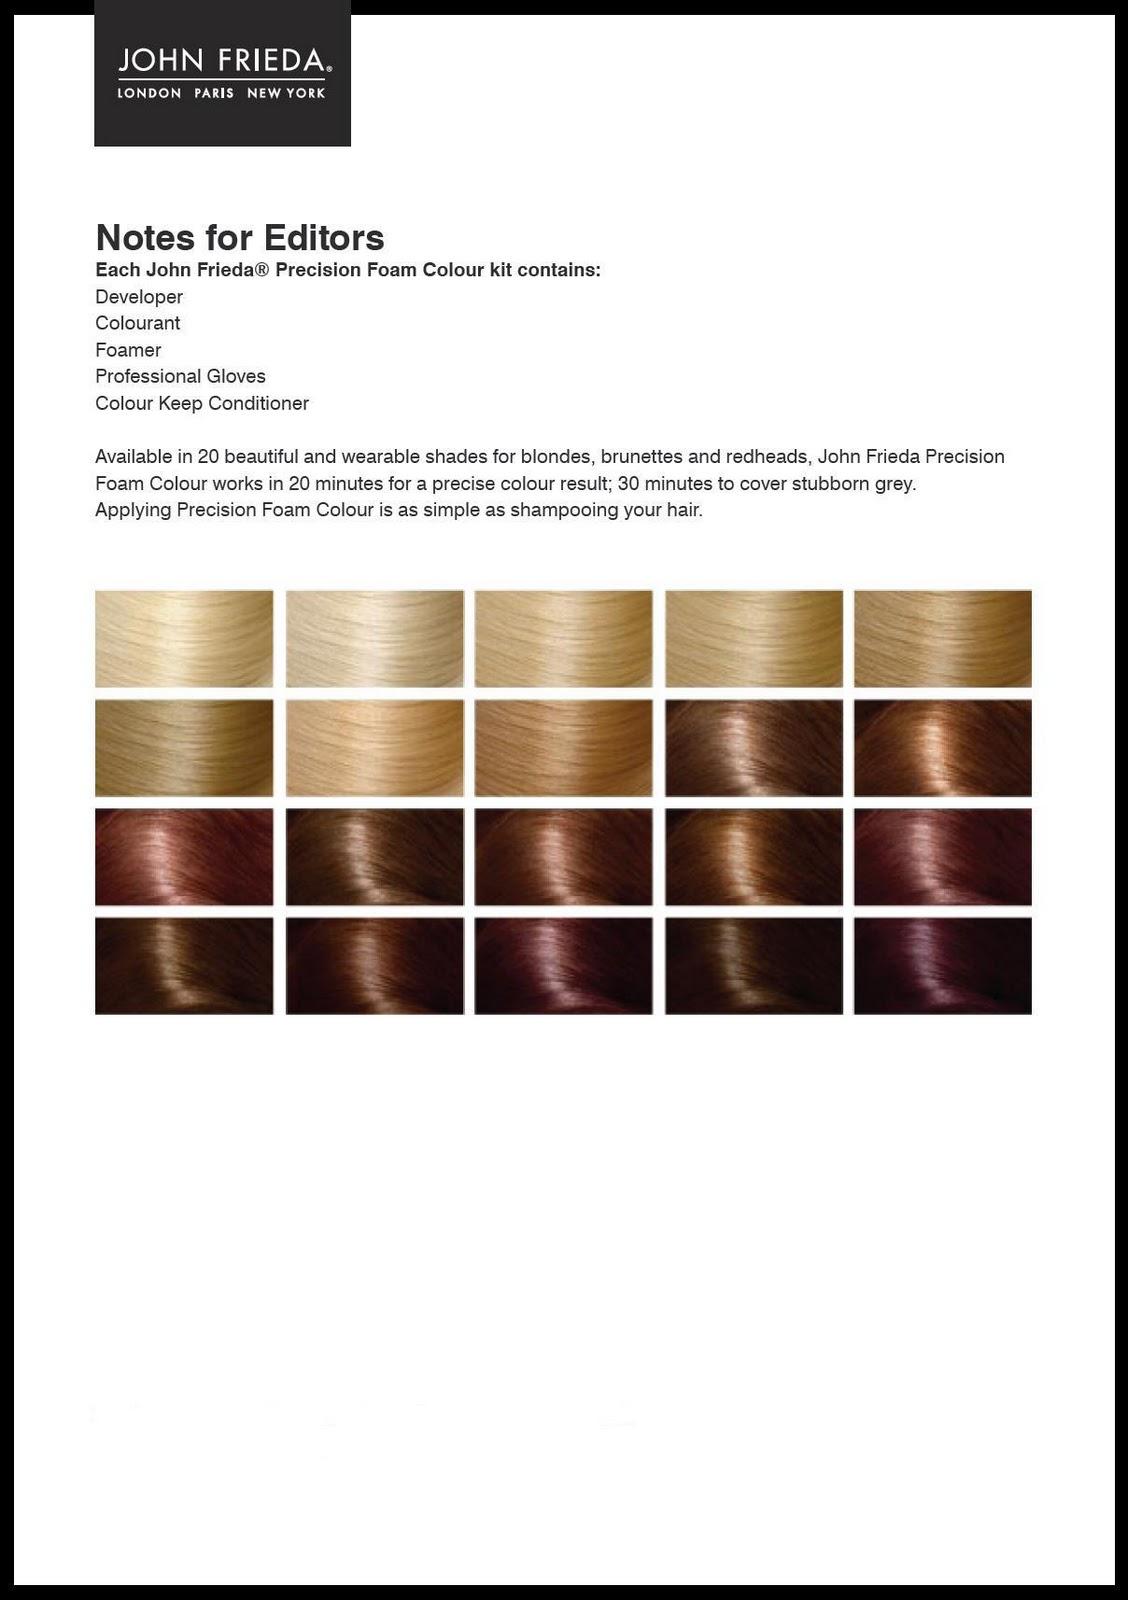 john frieda precision foam colour instructions